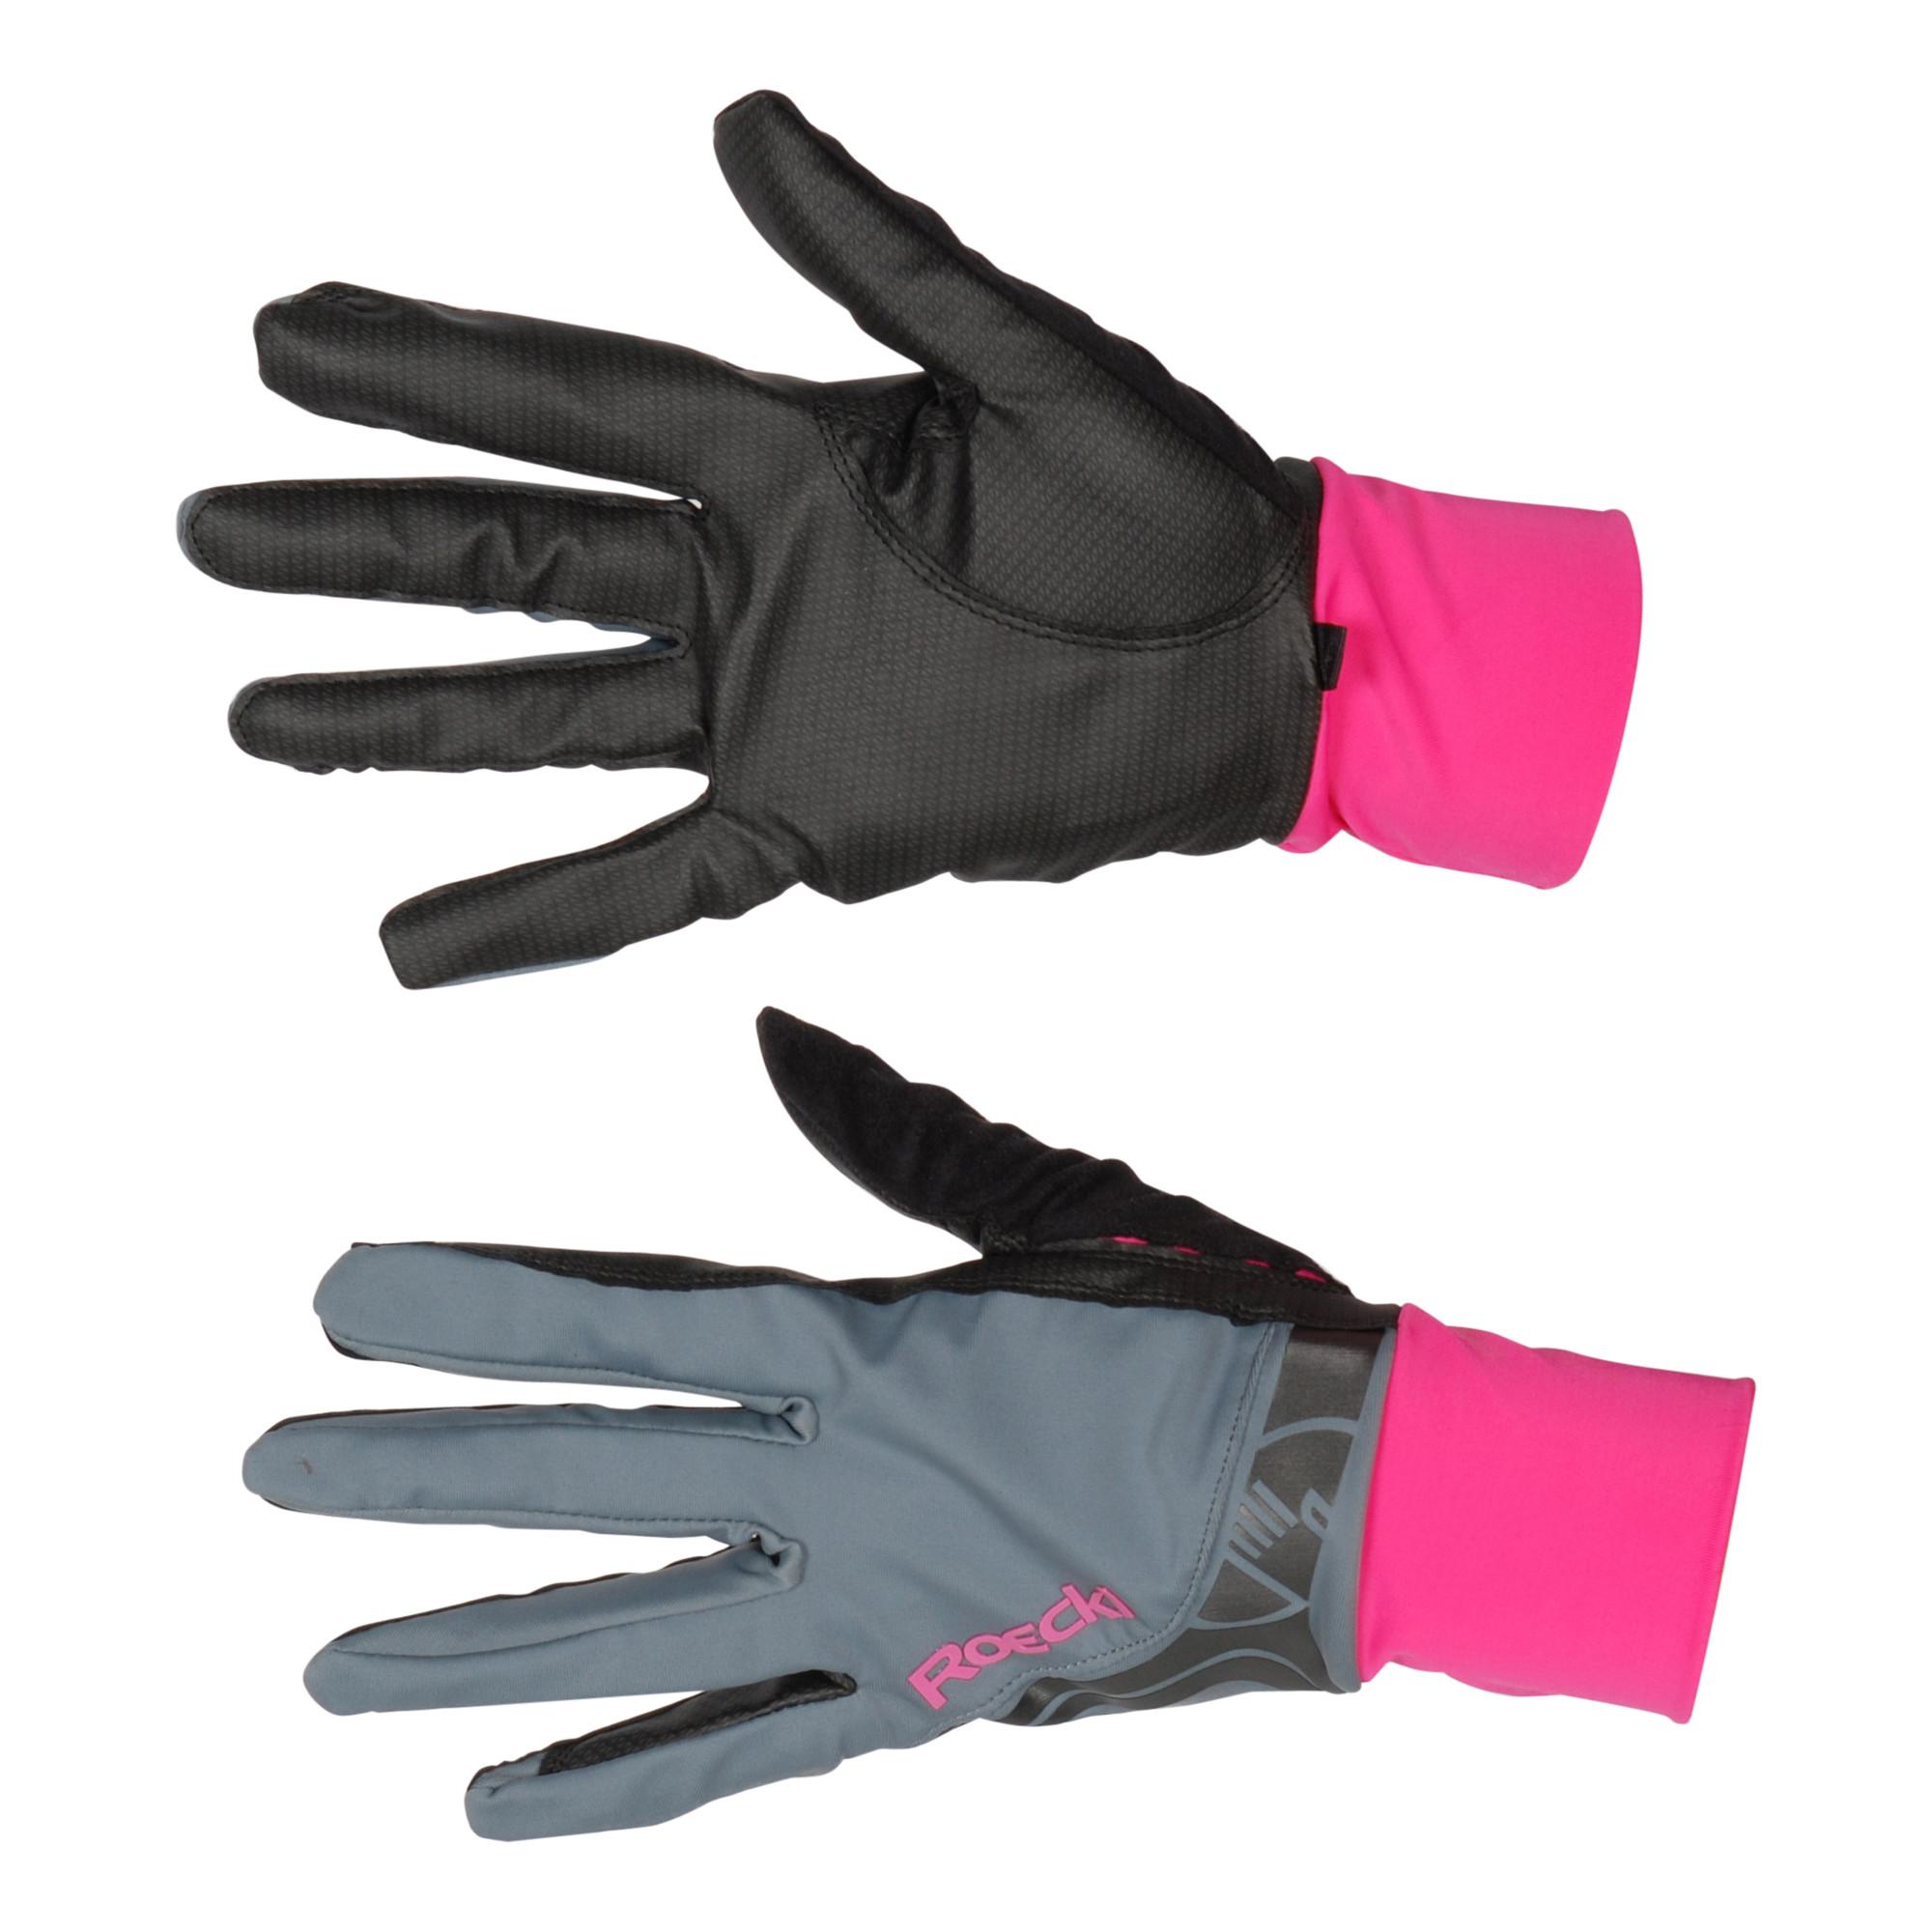 Roeckl Melbourne handschoen grijs maat:7